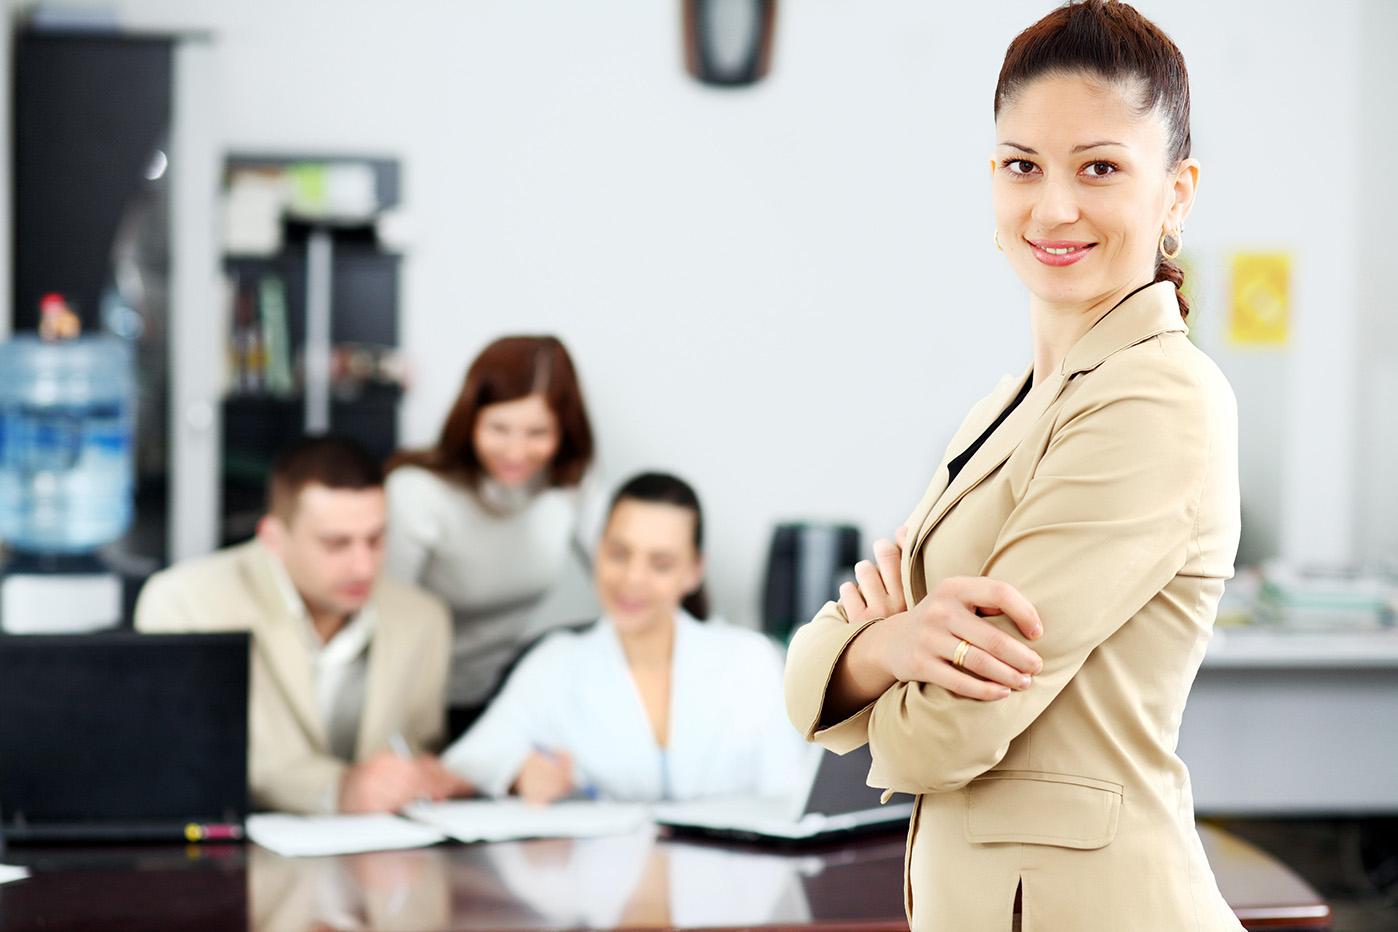 Quản lý lãnh đạo và chủ doanh nghiệp